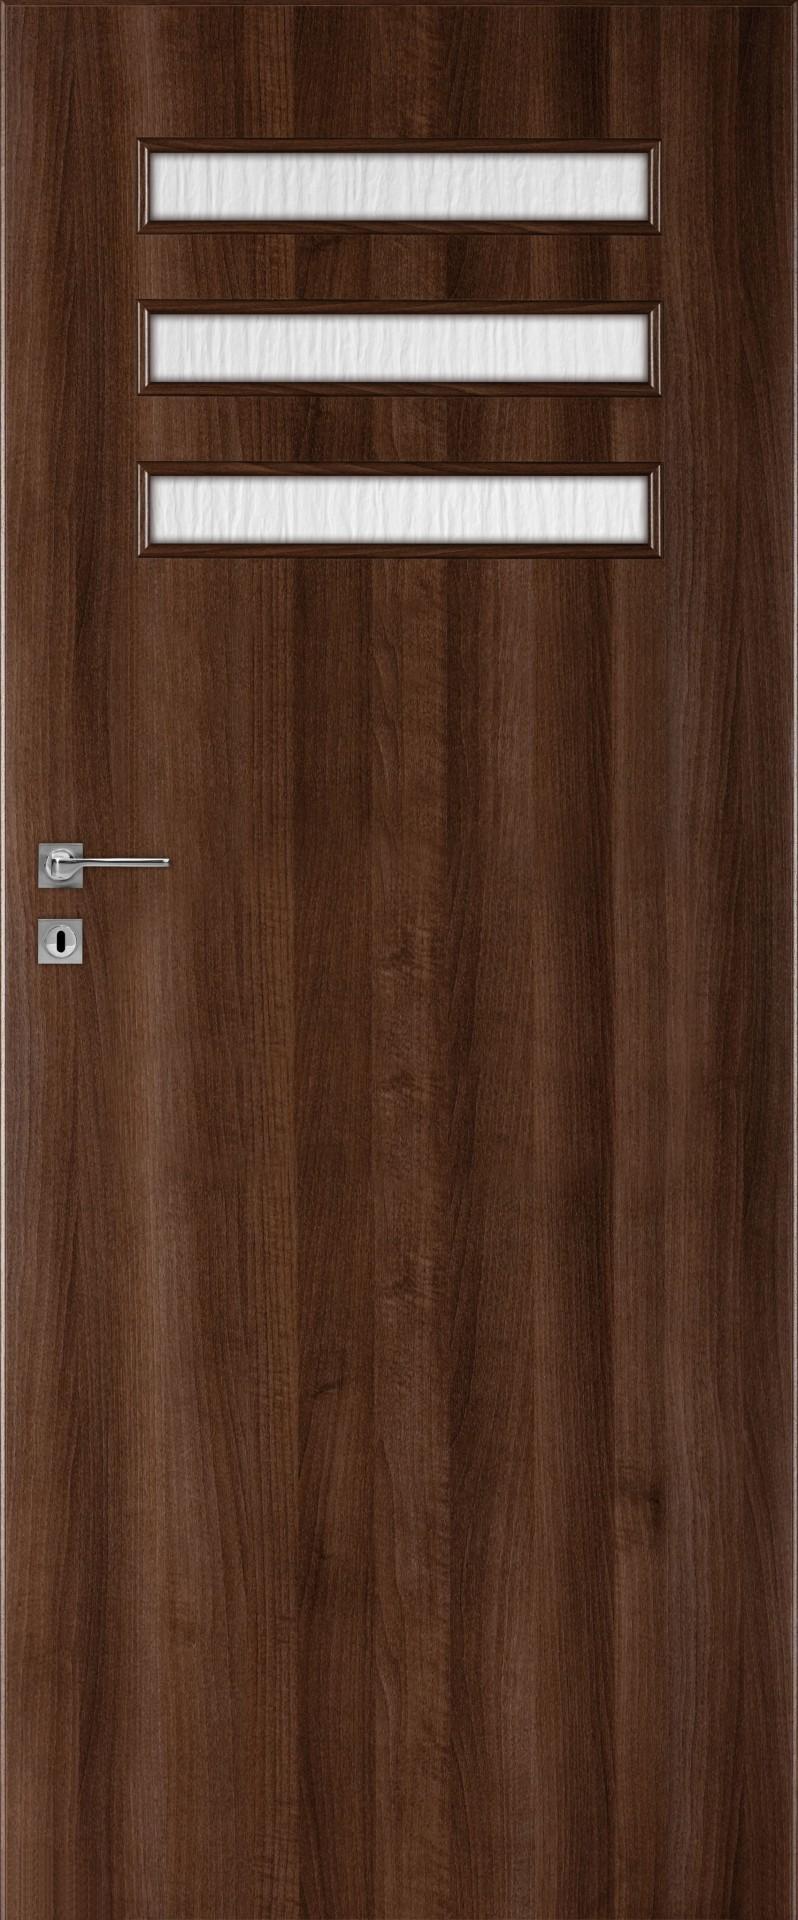 Dre dveře Plus 80, Šíře v cm 80